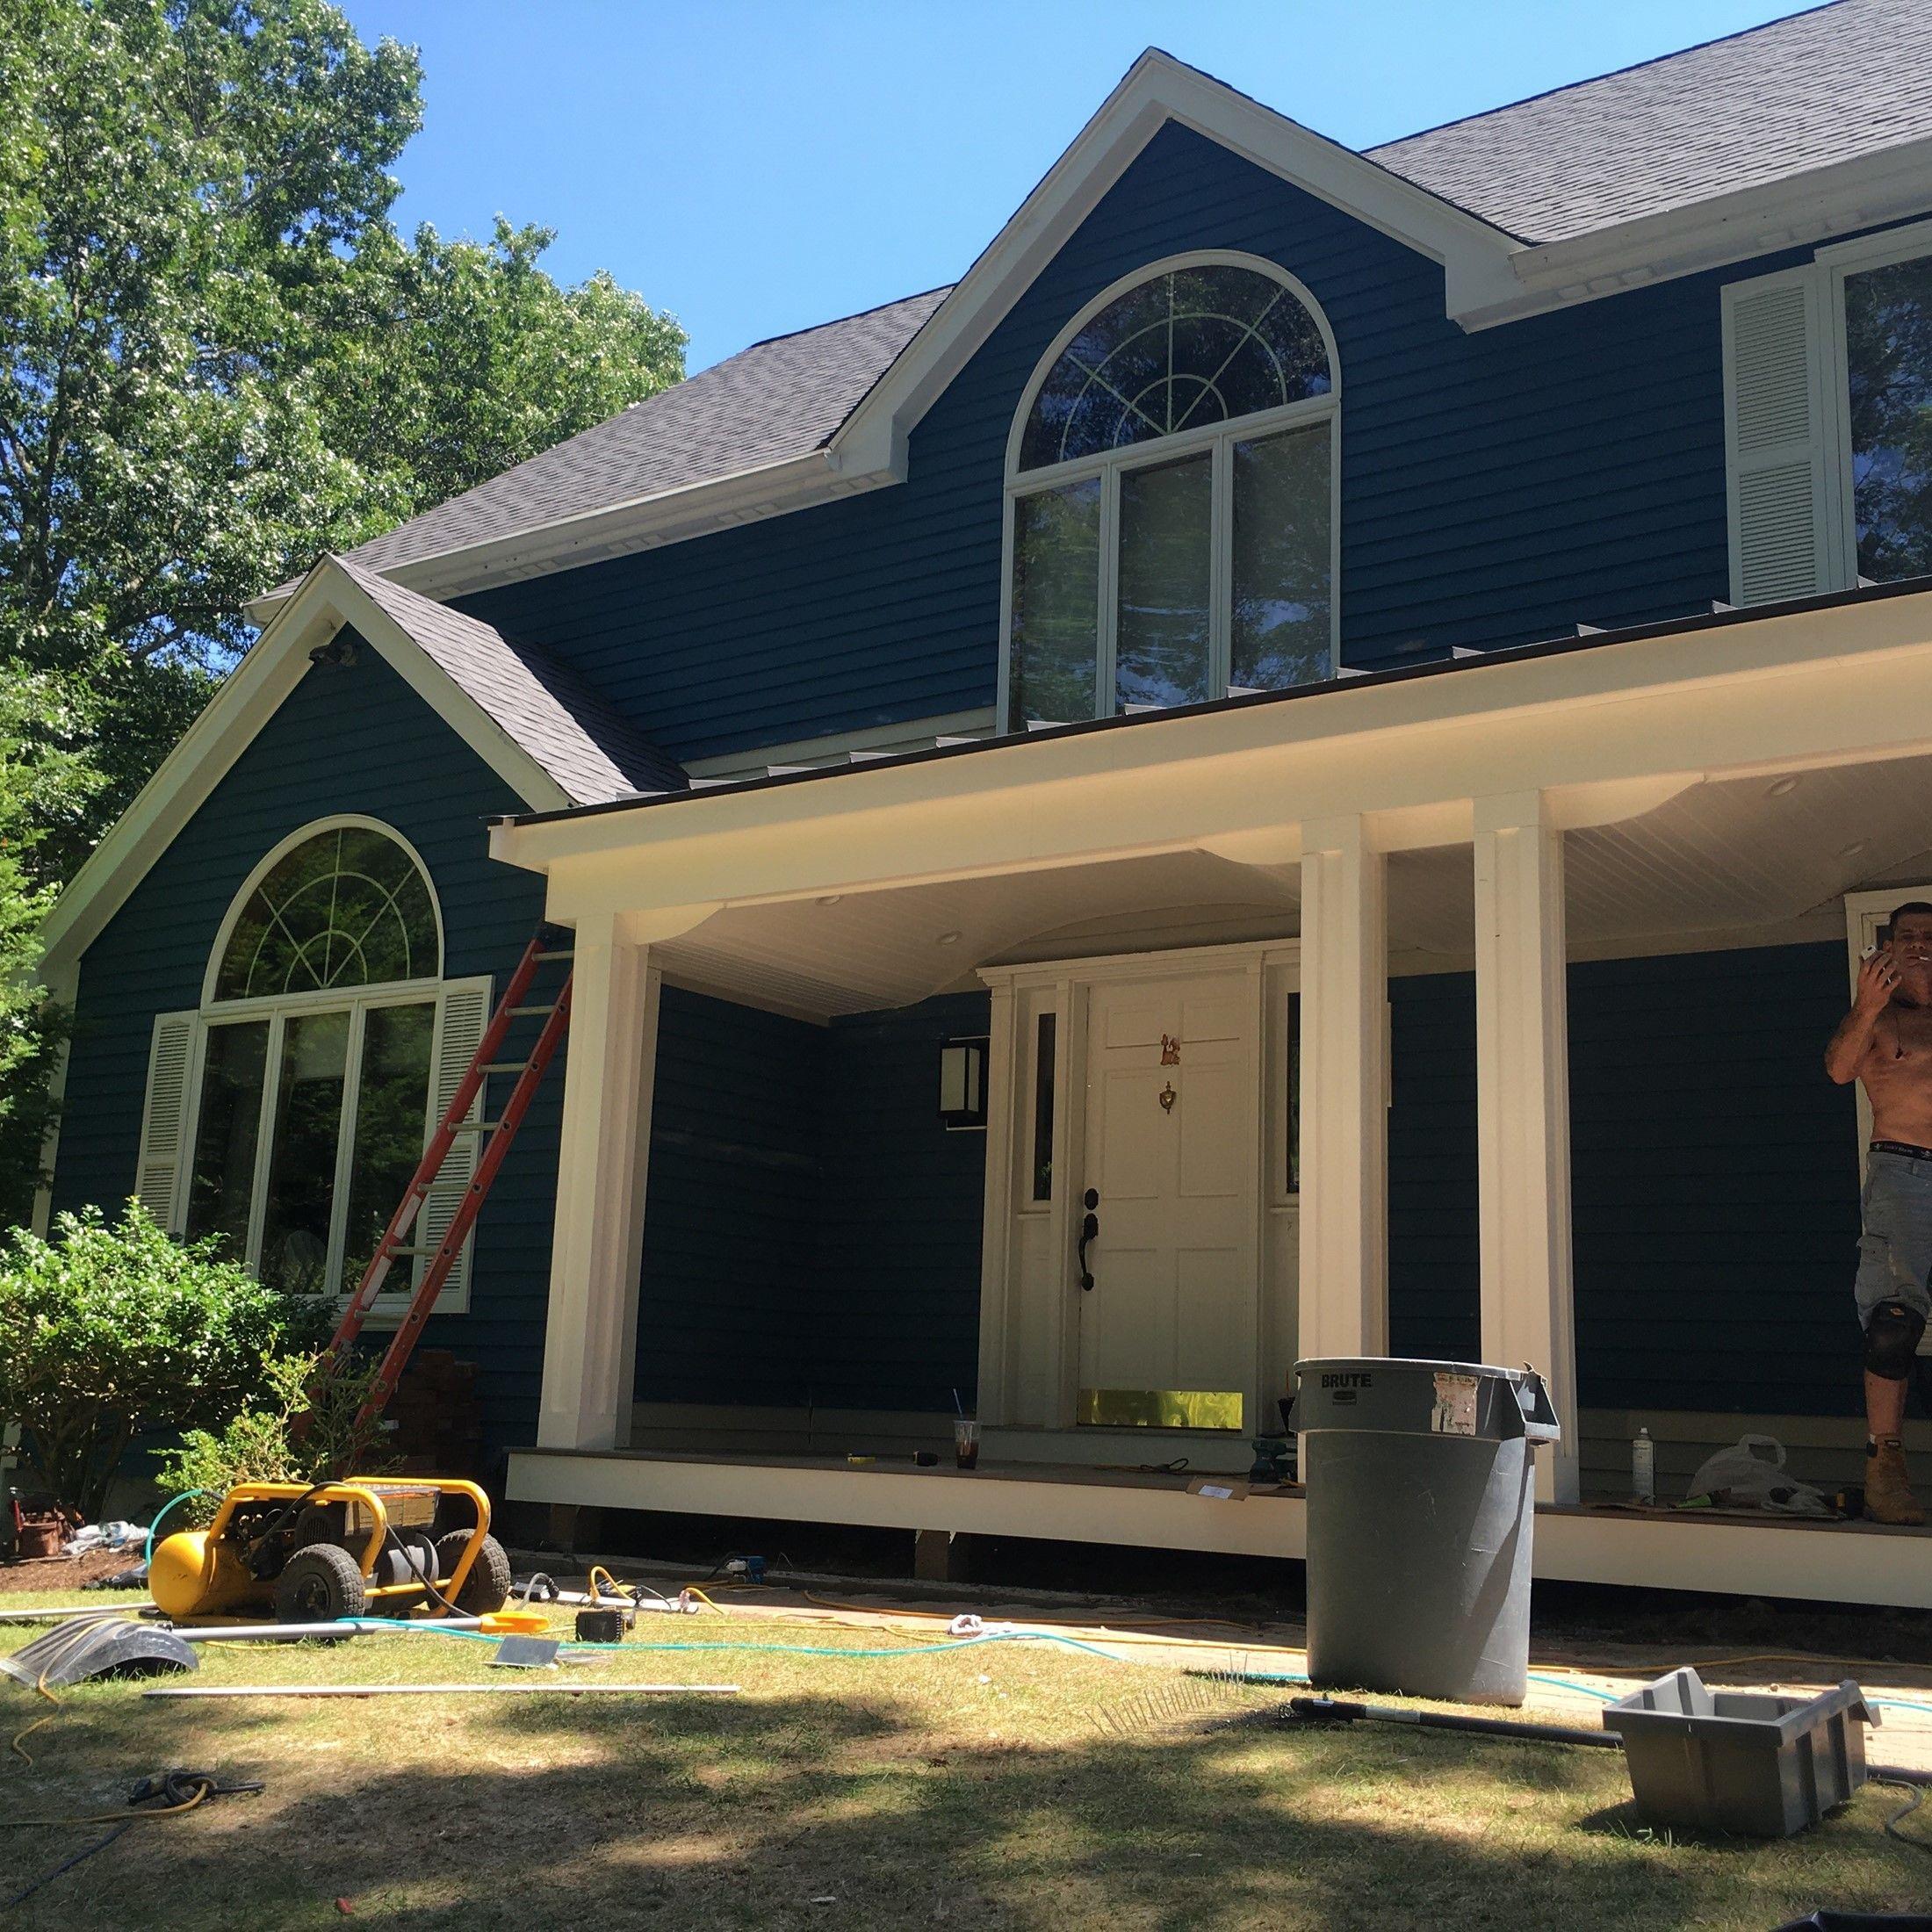 Ellipse Shaped Front Porch - Picture 7768